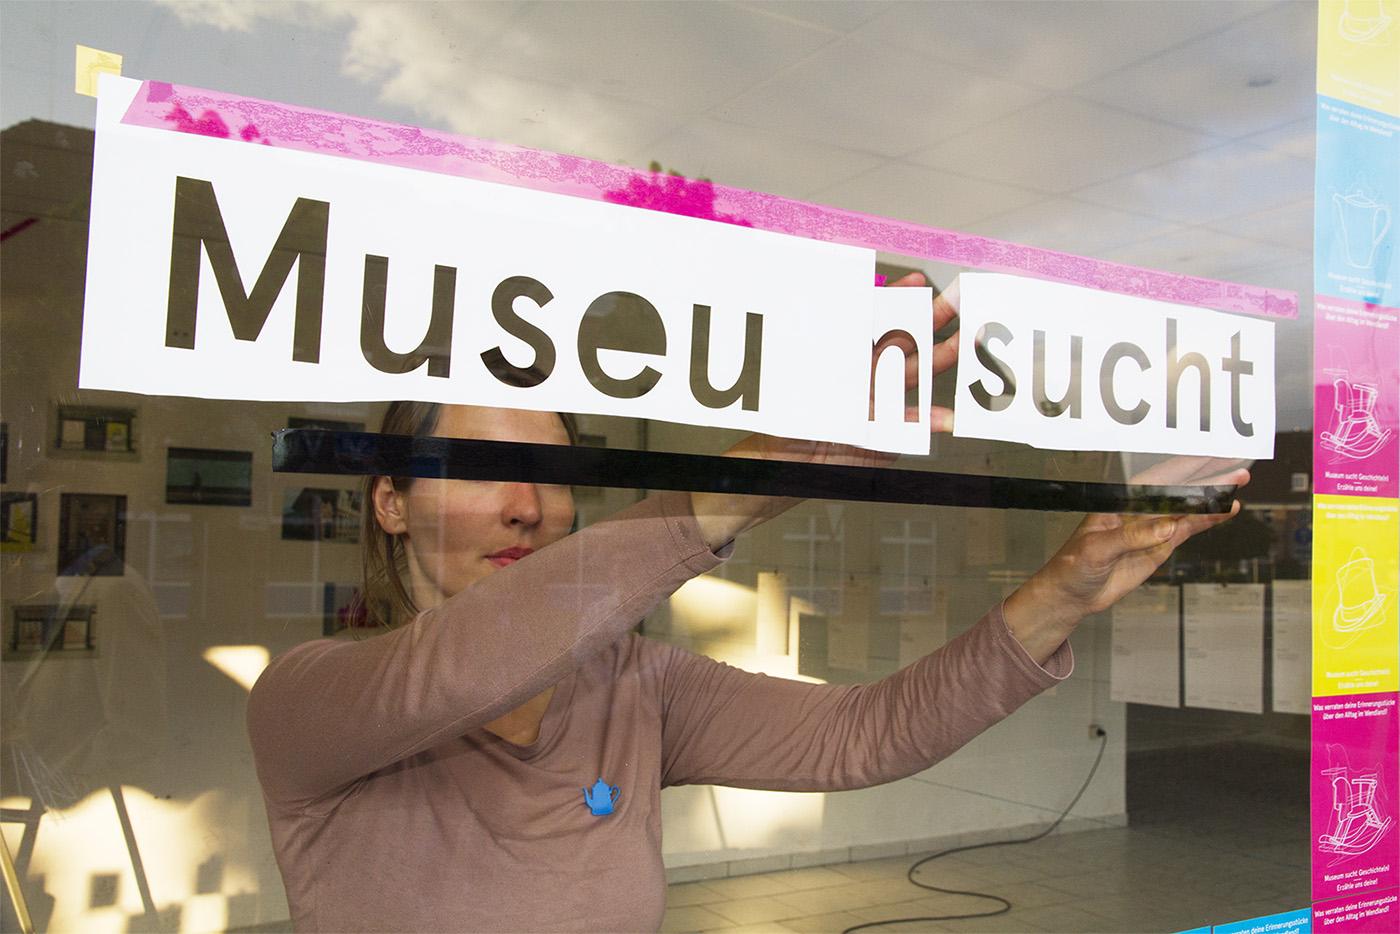 Museum sucht Geschichte(n)